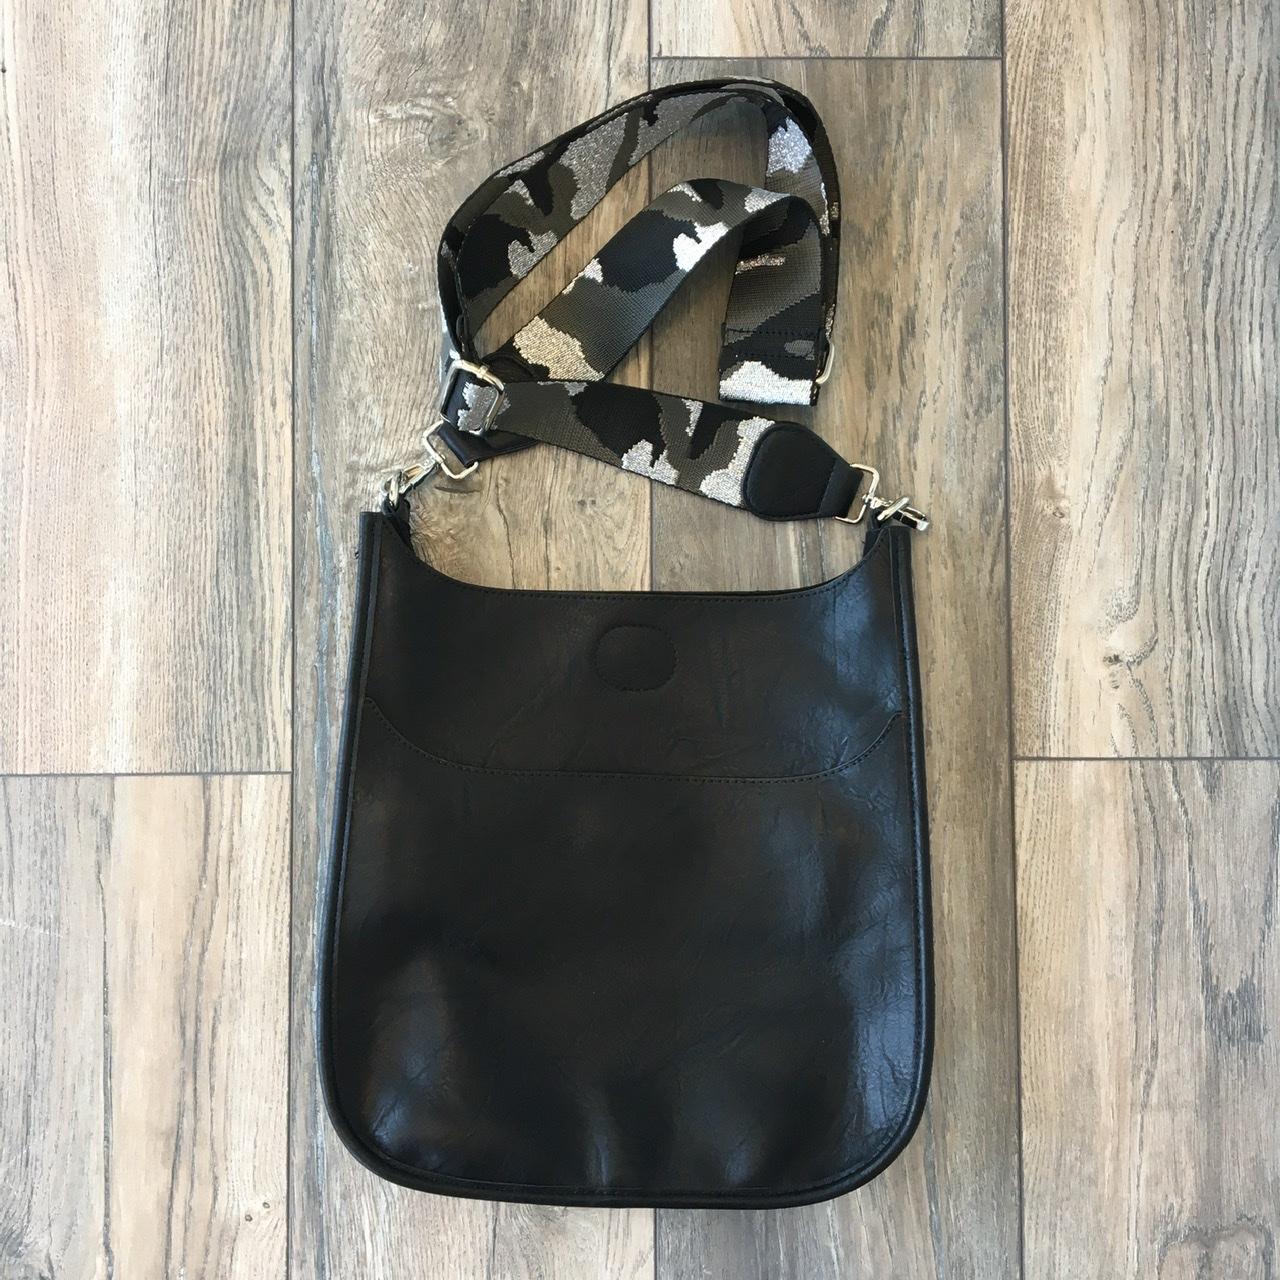 VEGAN LEATHER MESSENGER BAG WITH ADJUSTABLE GUITAR STRAP